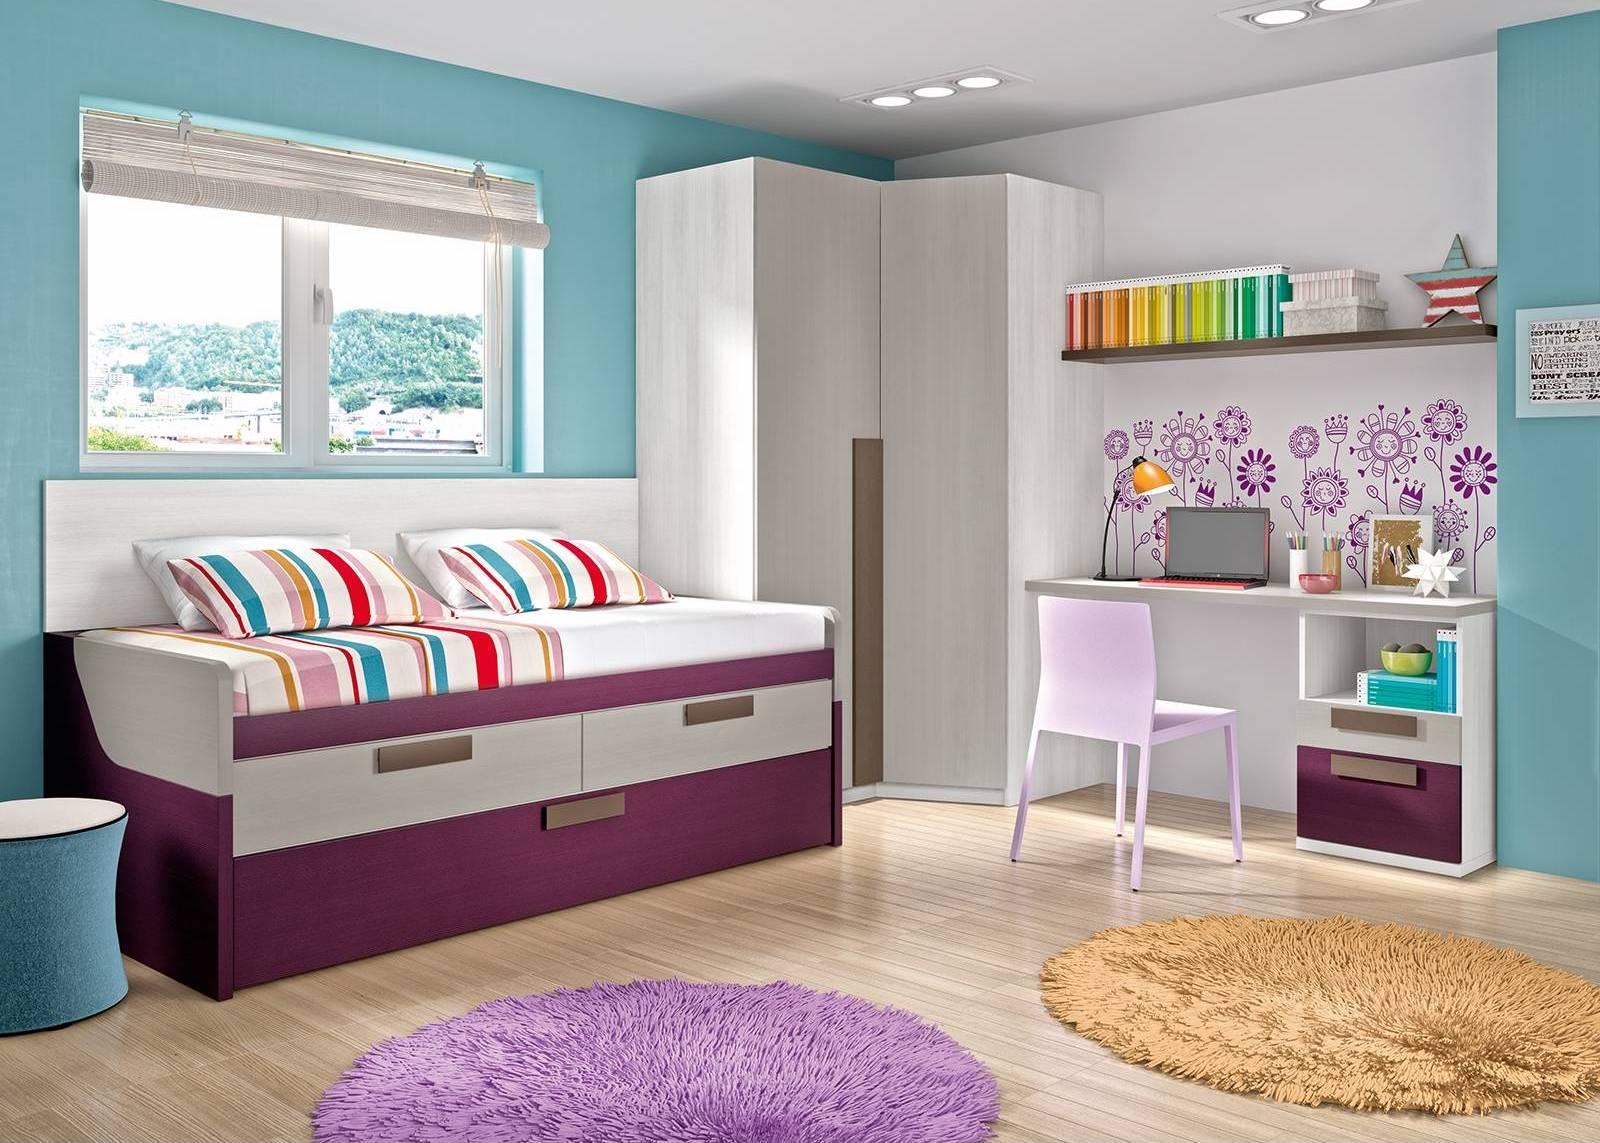 Dormitorios juveniles de merkamueble un mundo por for Decoracion cuartos juveniles